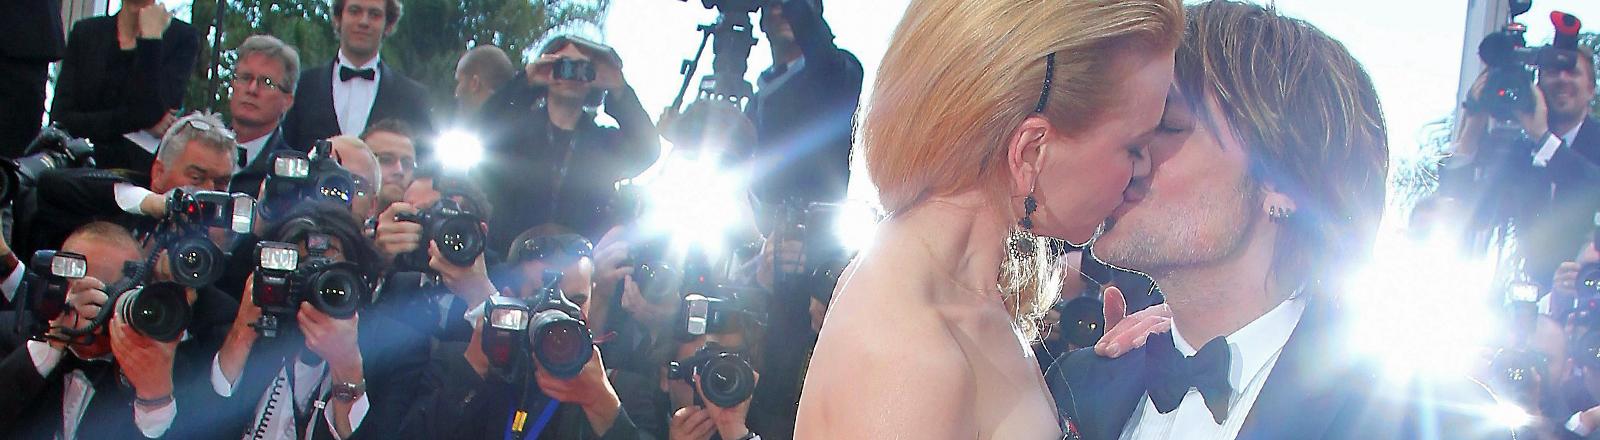 Der 19.05.2013 beim 66. Cannes Filmfestival: Nicole Kidman und Keith Urban knutschen.